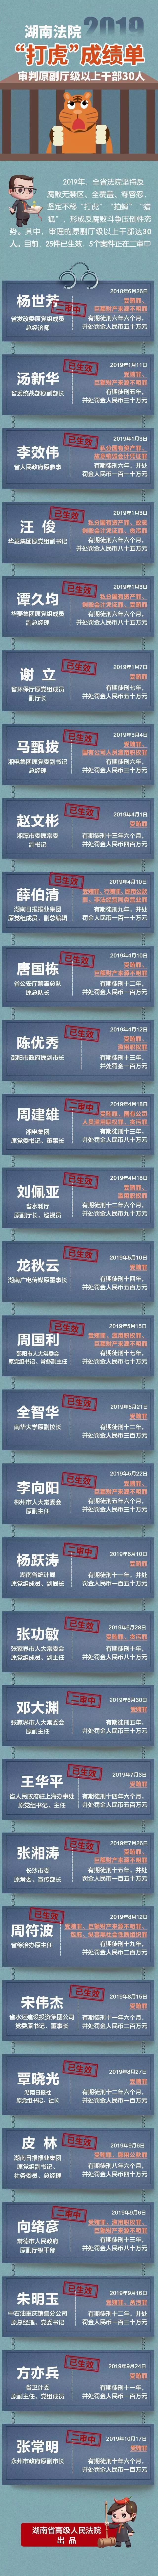 湖南法院发布去年